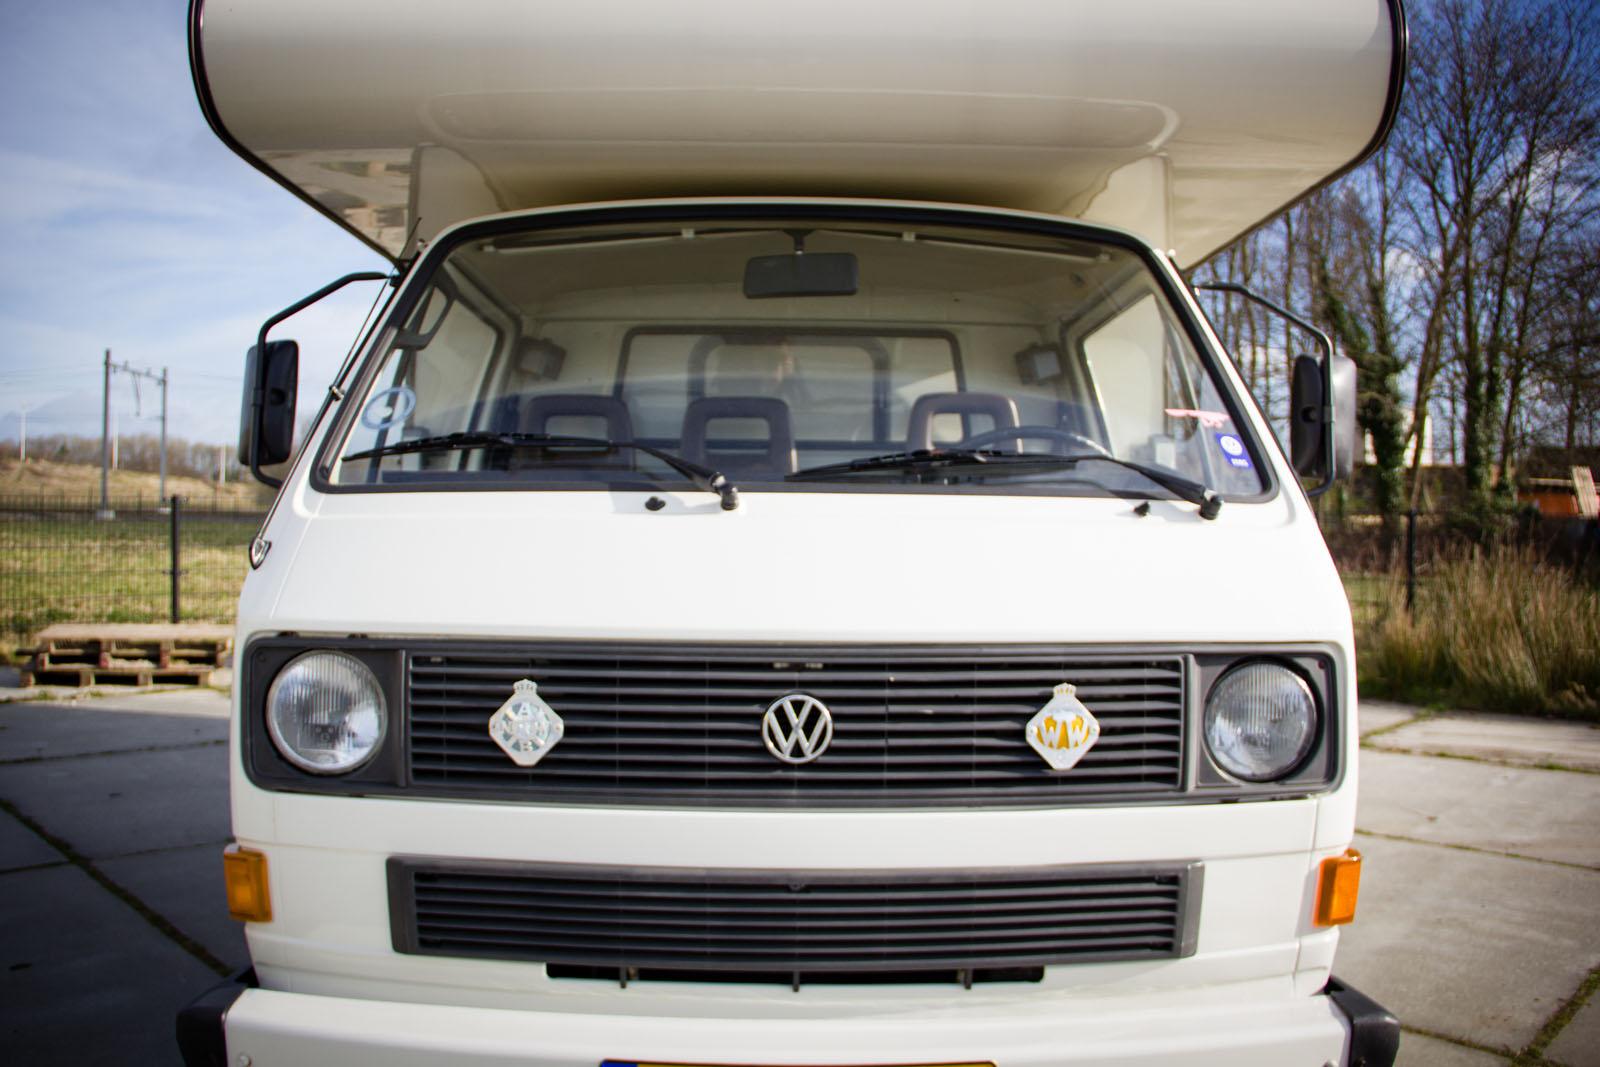 volkswagen-camper-T2-oldtimerland-8.jpg